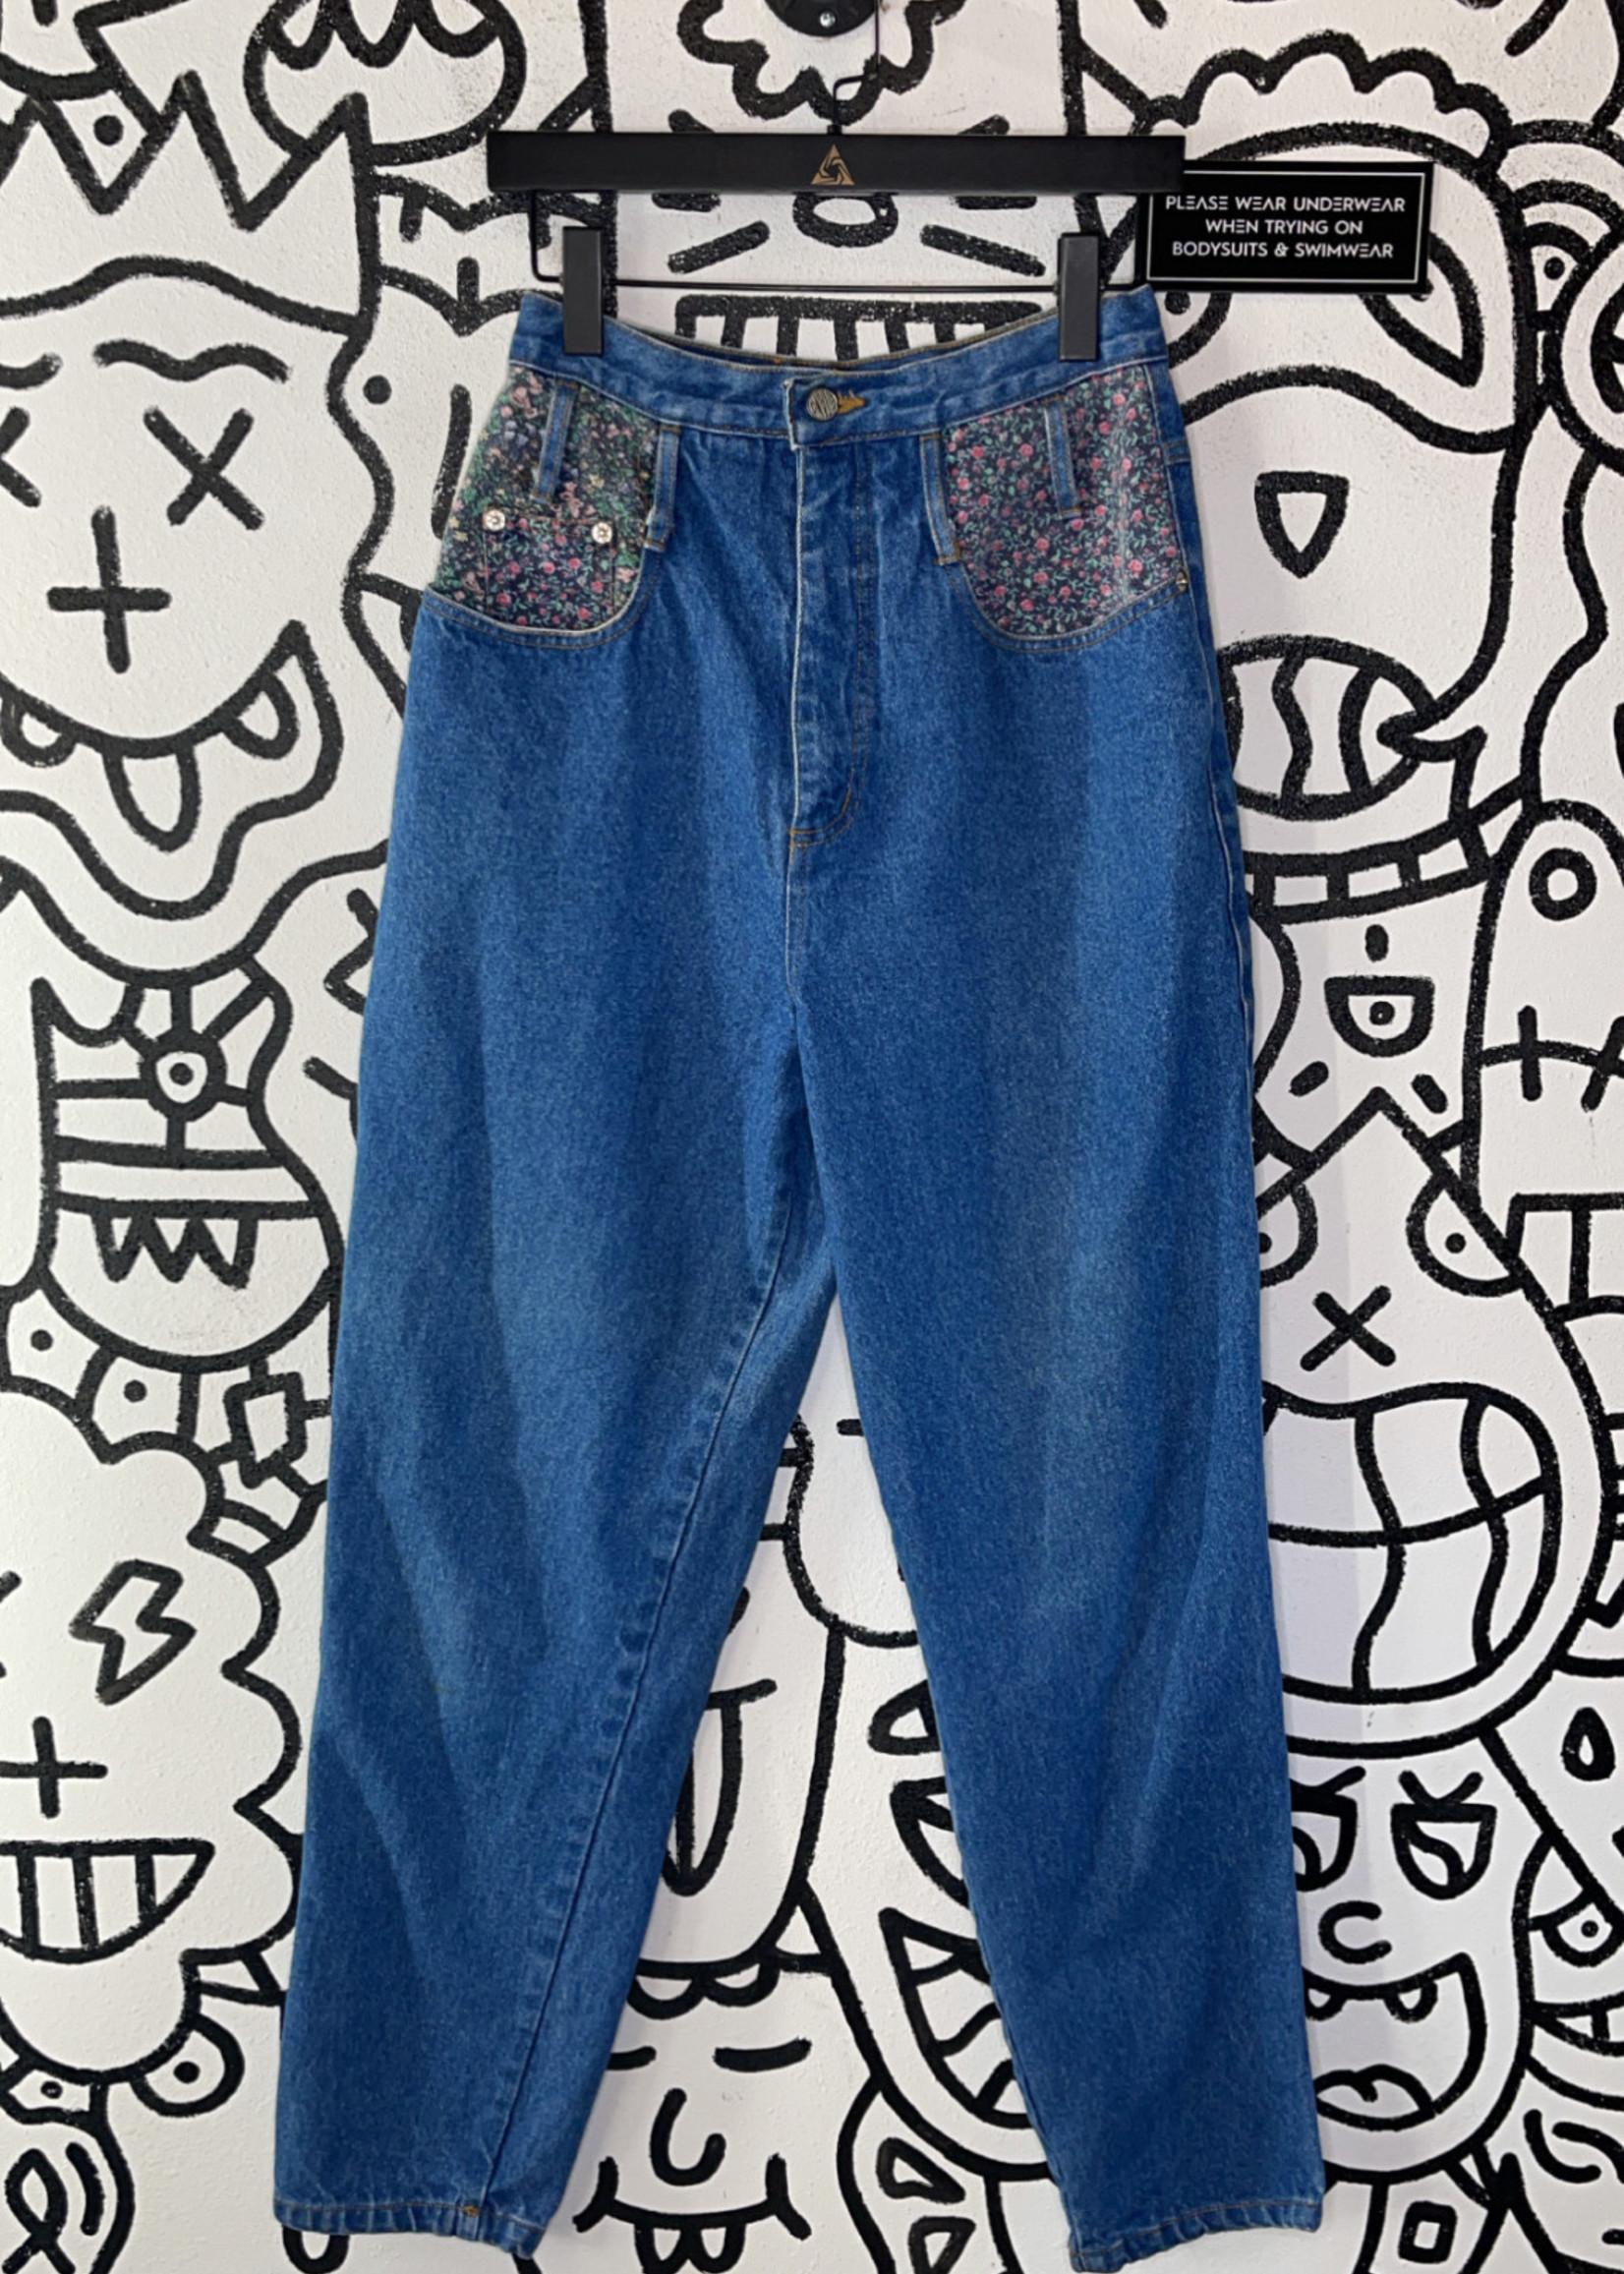 Vintage gitano high waisted floral denim jeans 26